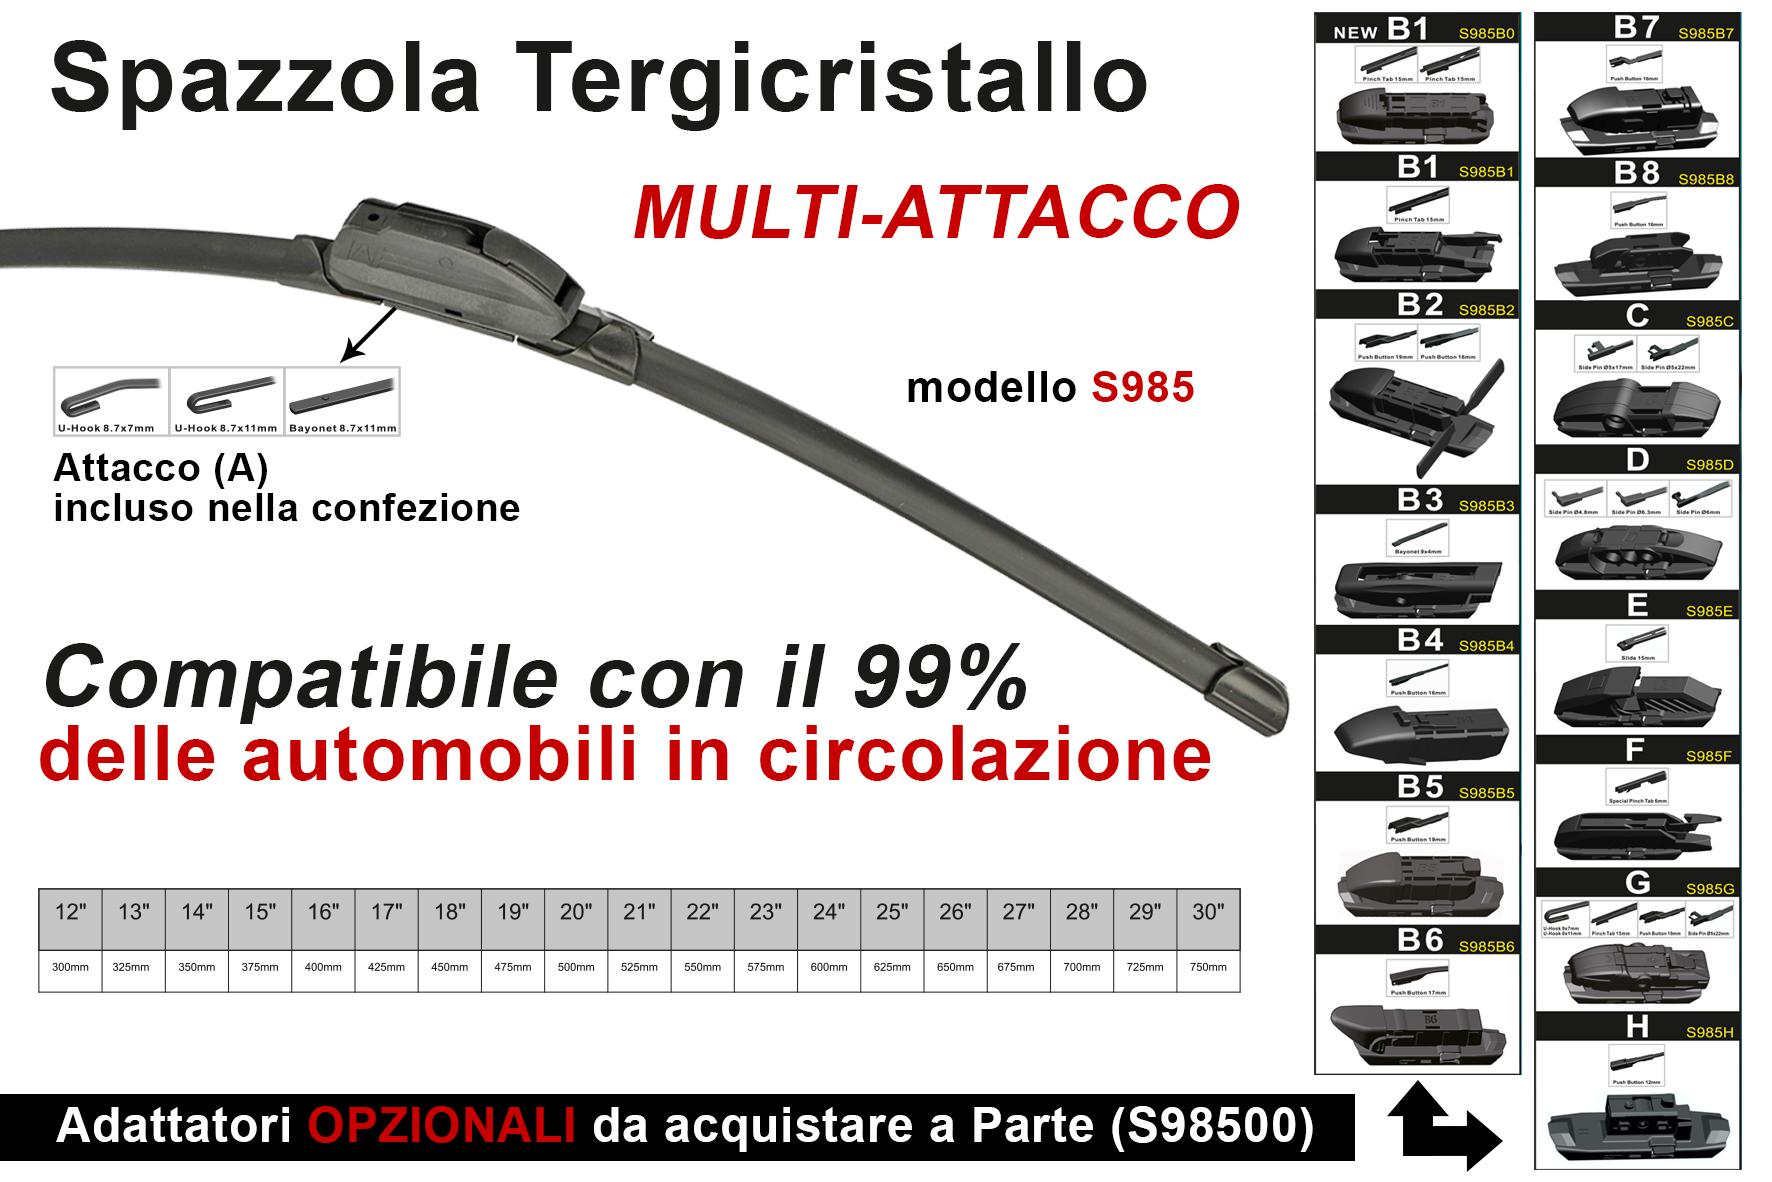 Spazzola Tergicristallo Auto Universale S985 15`` 375mm Carall 16 Attacchi Opzionale - PZ